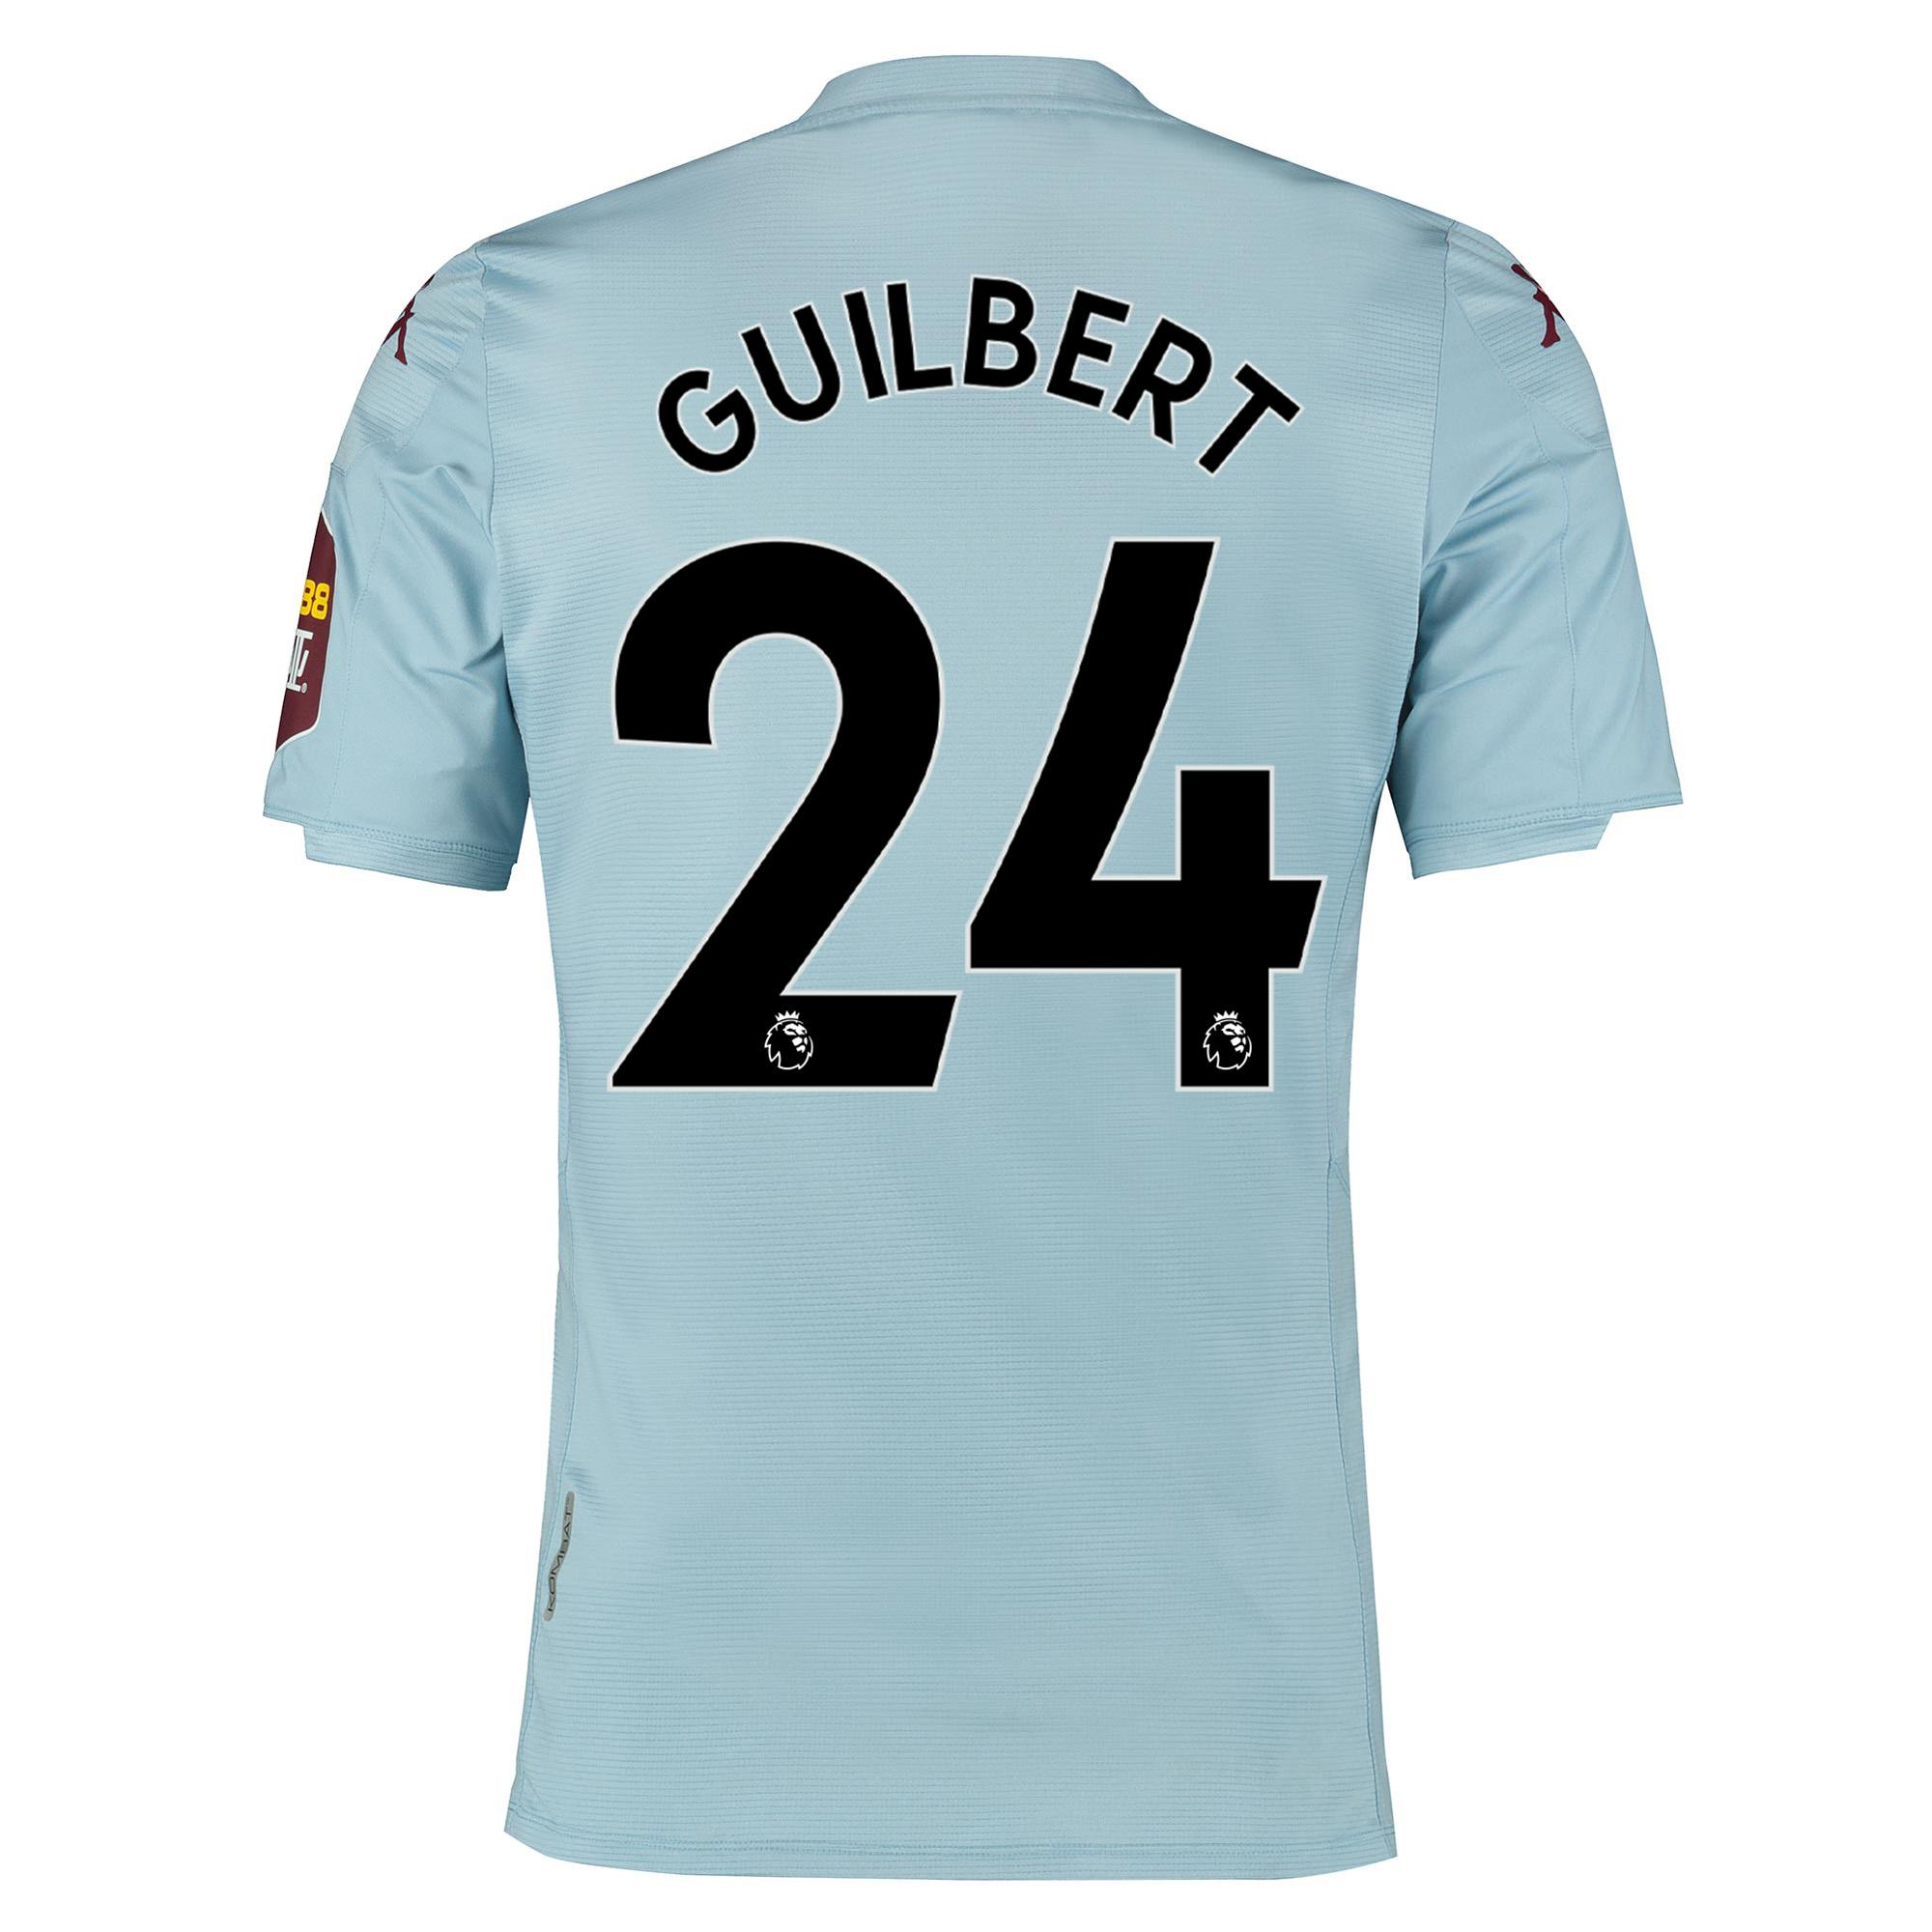 Camiseta Elite Fit de la 2.ª equipación del Aston Villa 2019-20 dorsal Guilbert 24